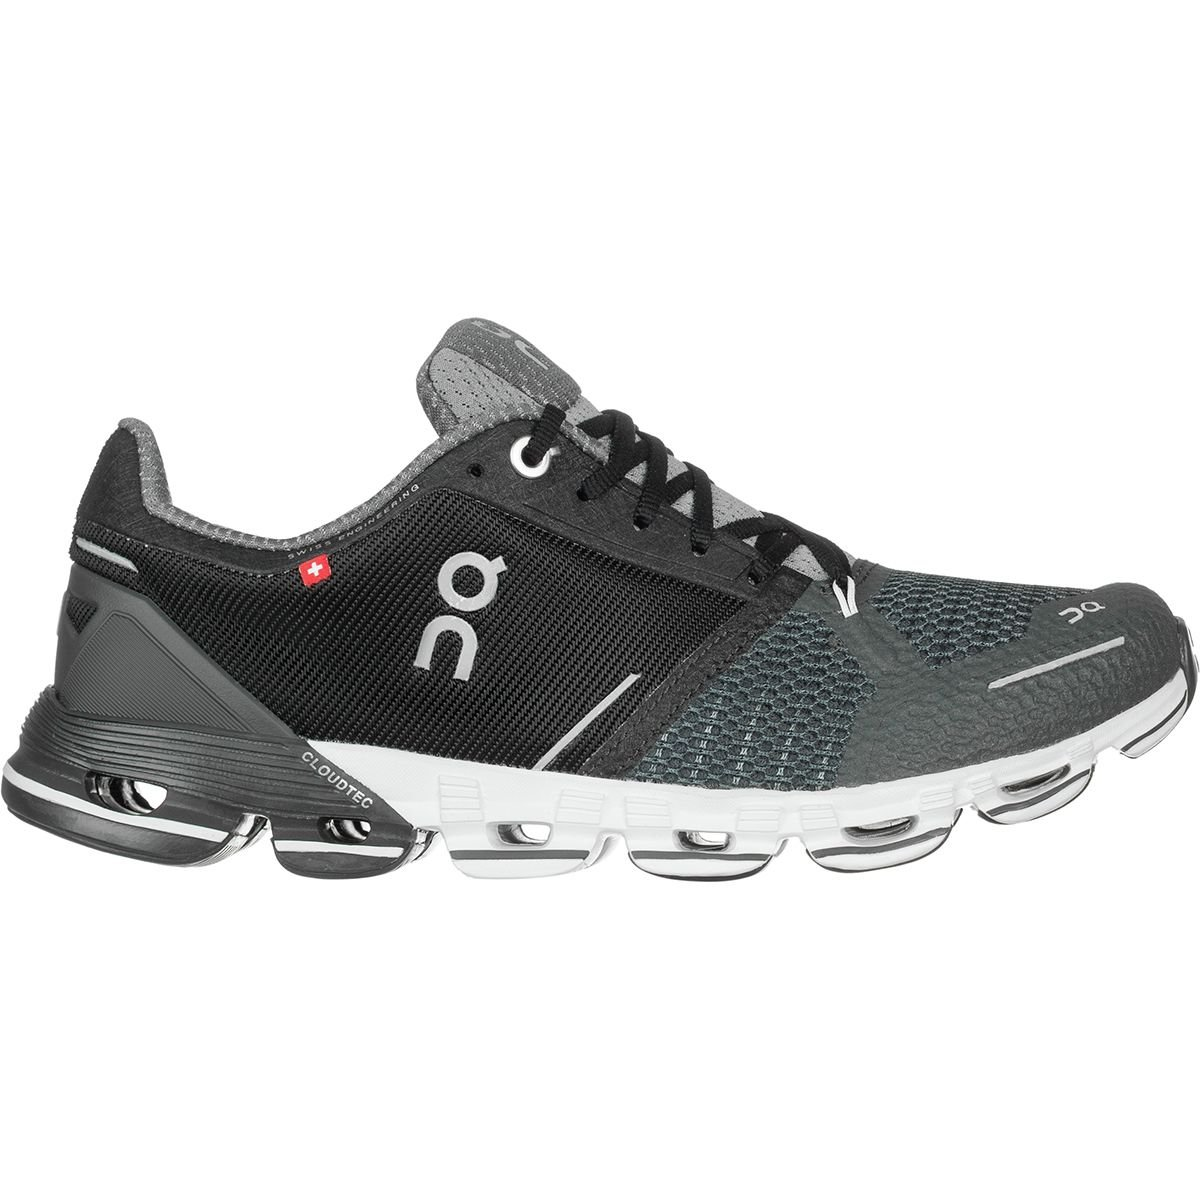 大きな割引 [オンフットウェア] [並行輸入品] メンズ B07MTBZH9J ランニング Cloudflyer 8 Running Shoe [並行輸入品] B07MTBZH9J 8, タカシミズマチ:680c61e6 --- buyanyproducts.com